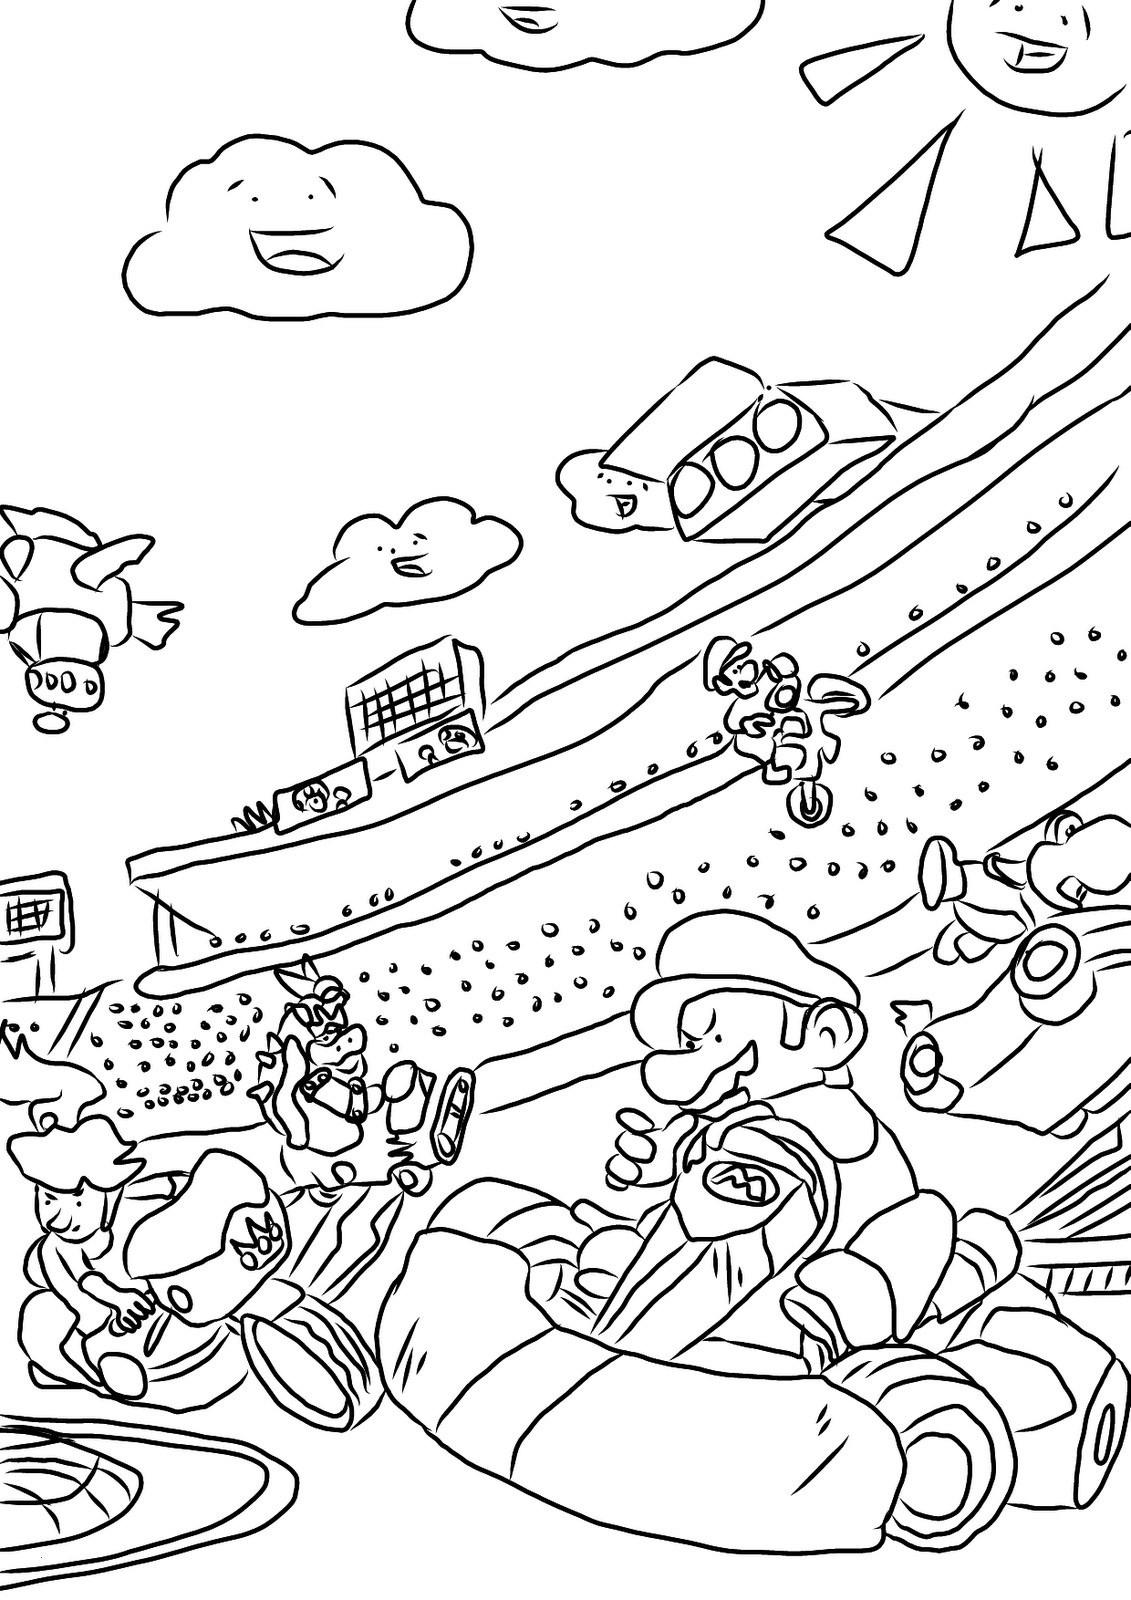 Super Mario Pilz Ausmalbilder Frisch Ausmalbilder Pilze Best 10 Besten Coloring Bilder Auf Pinterest Galerie